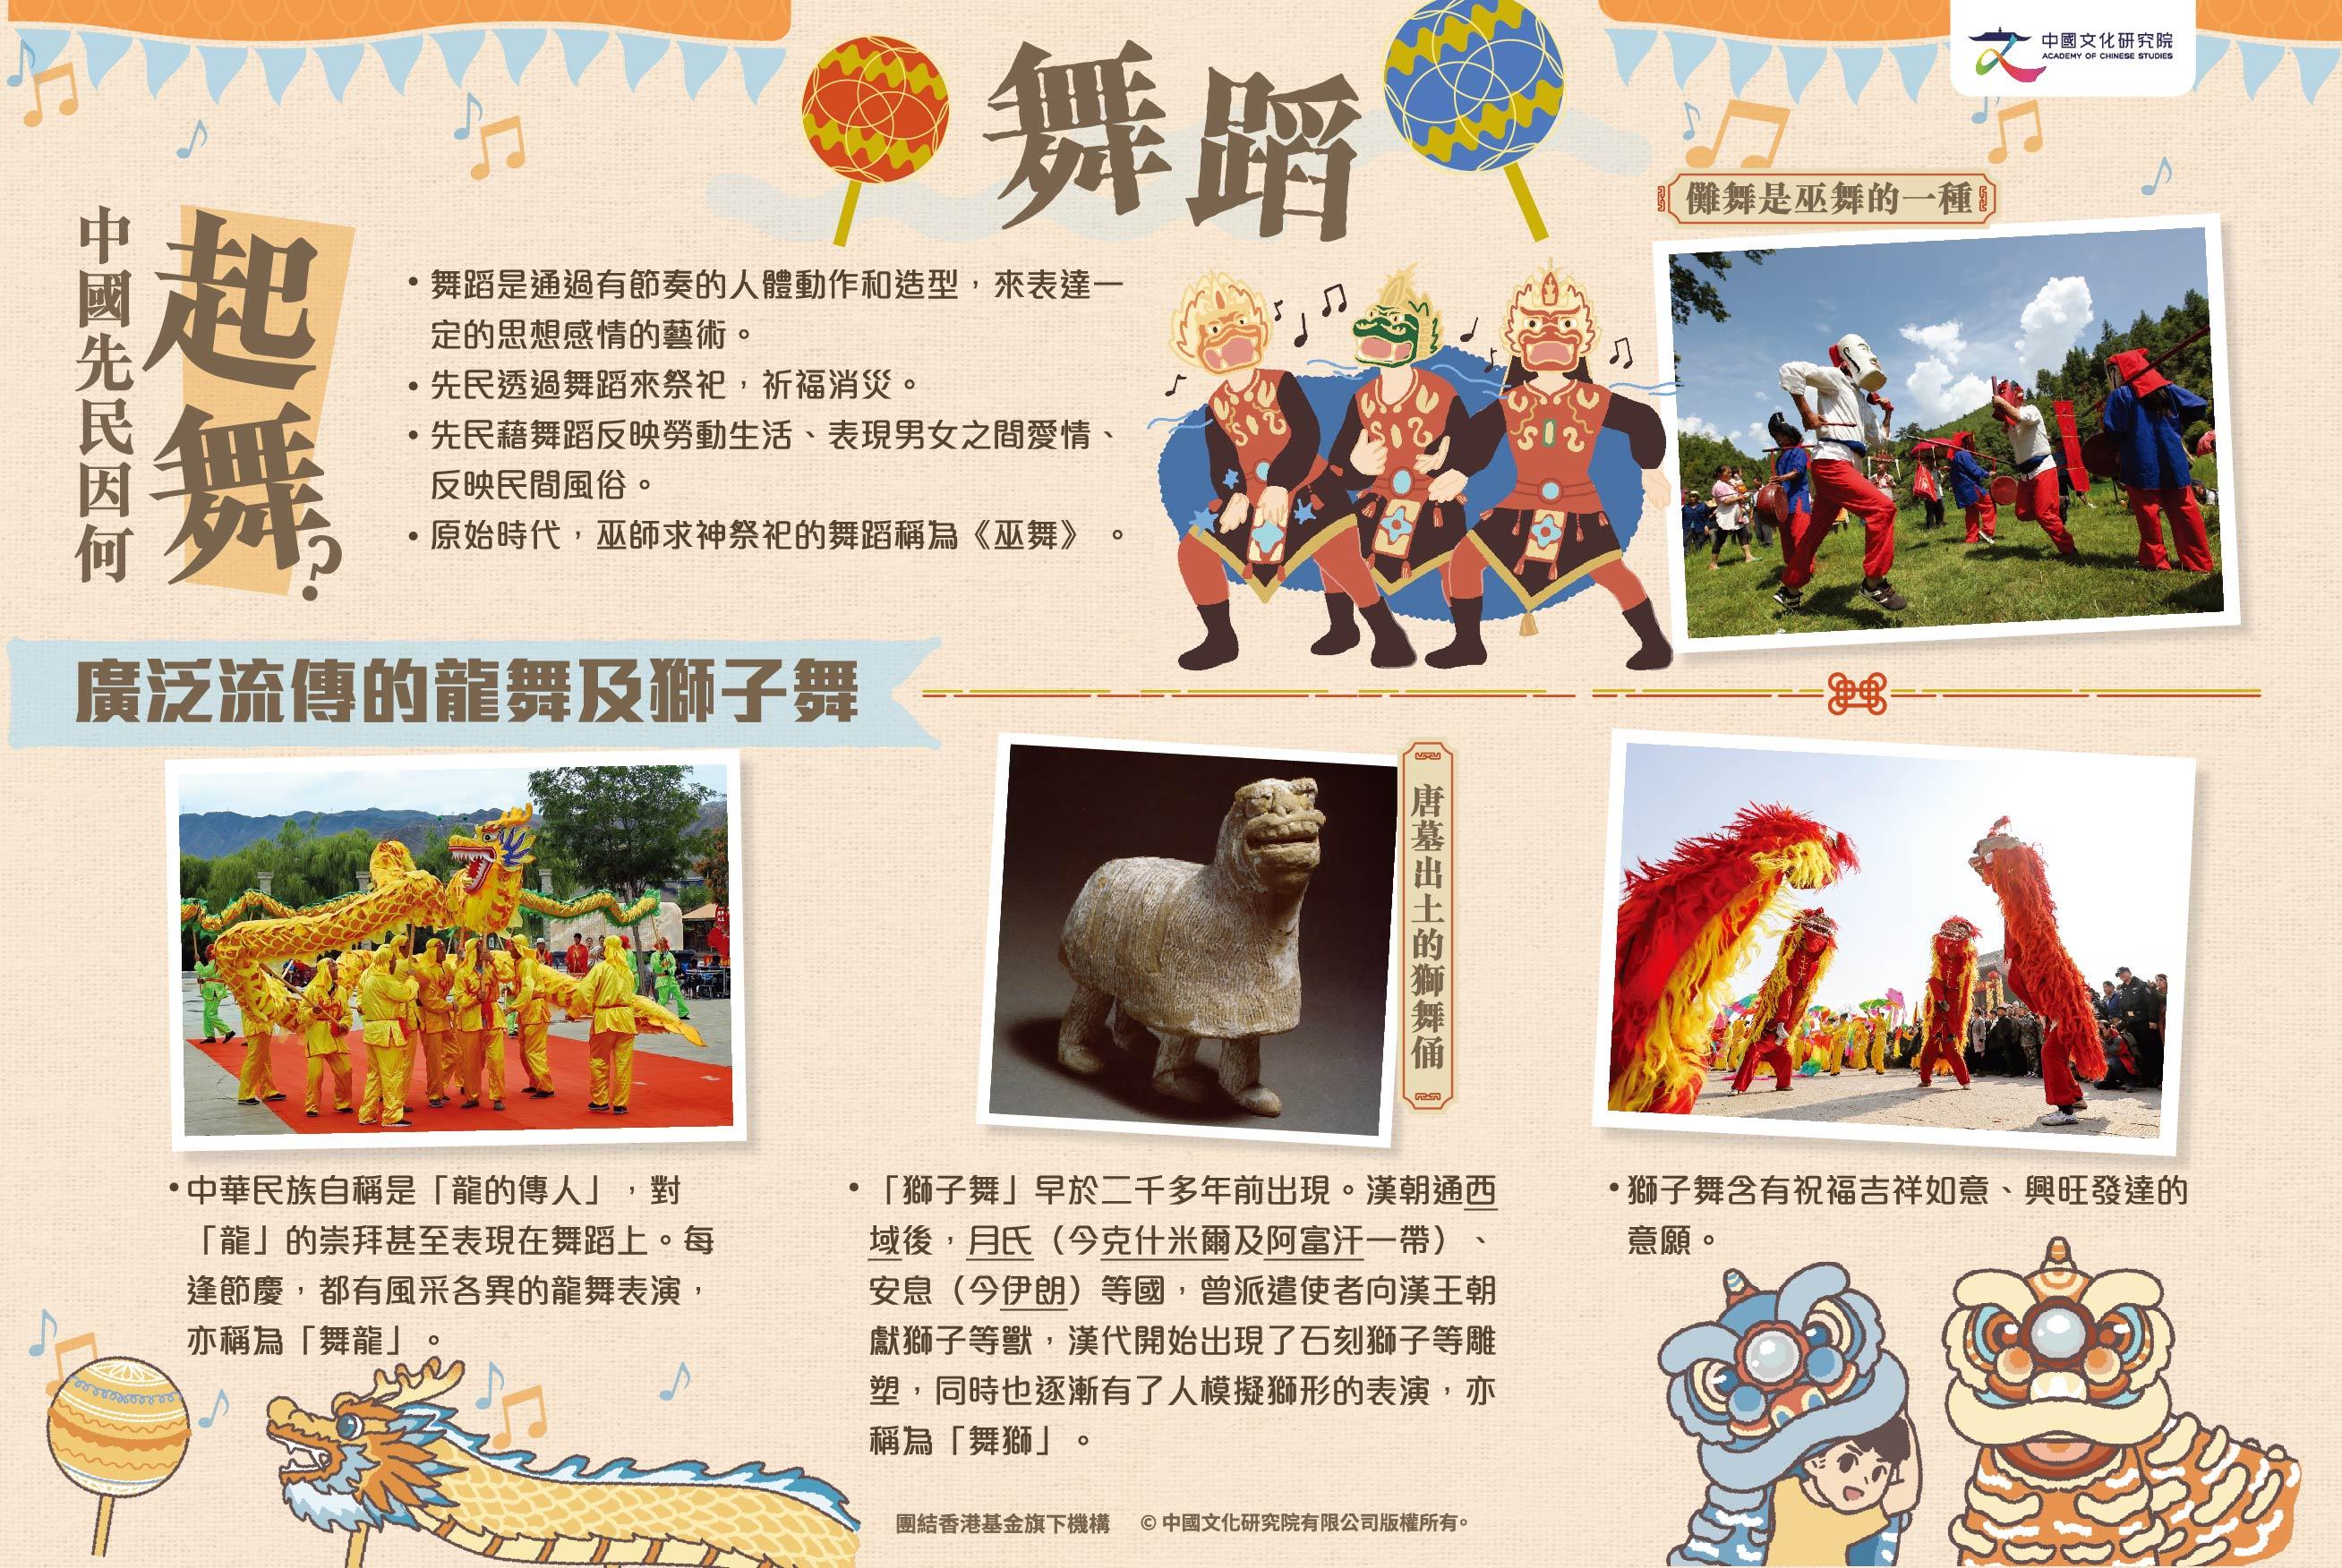 acs_zhongguominjianyishu_zhanbanop_6.8.nobleed_wudao1